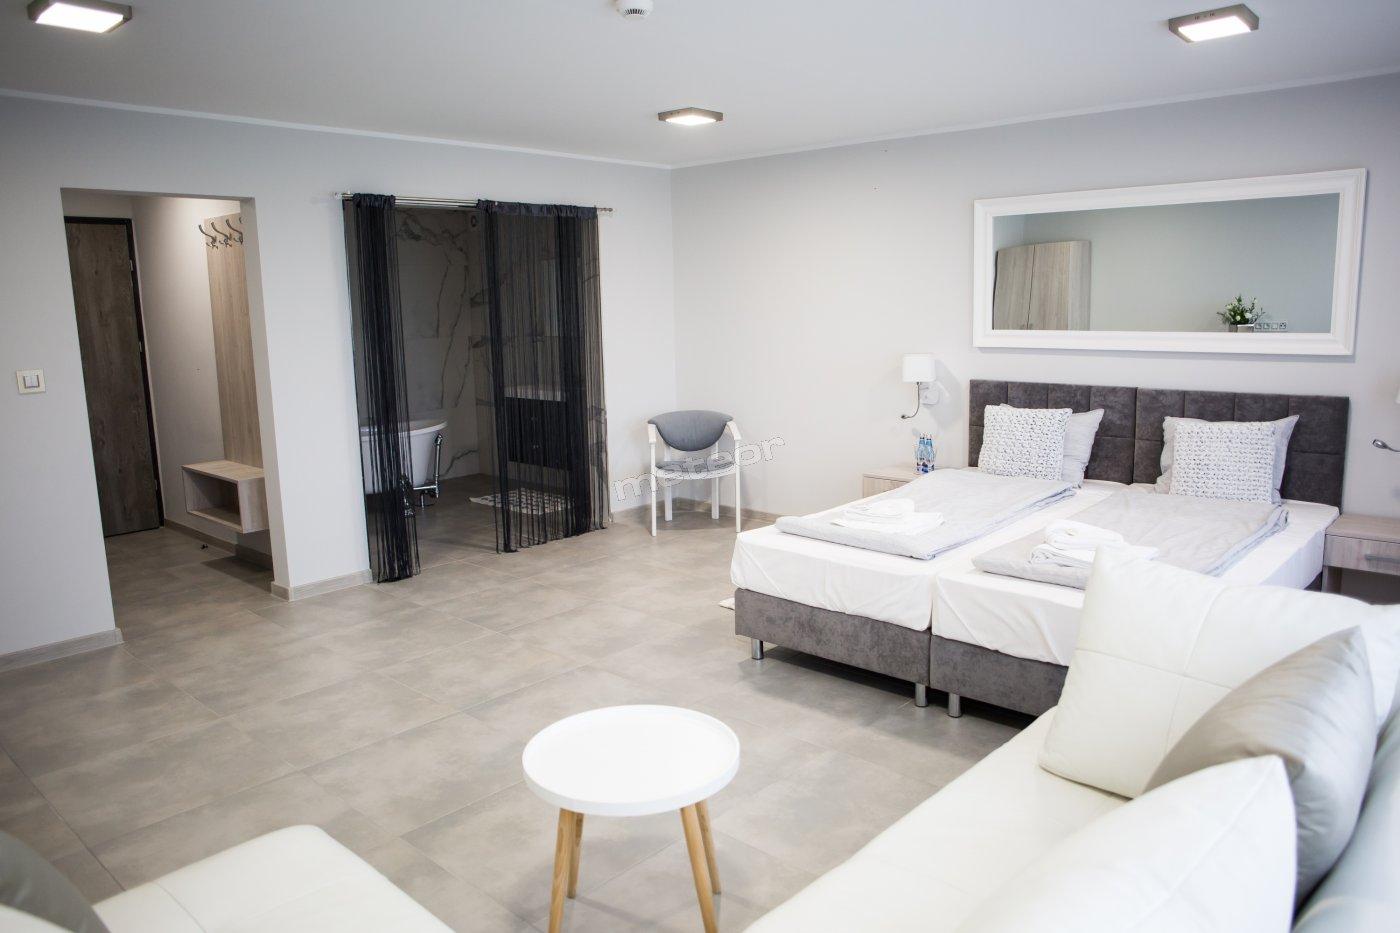 luksusowy apartament z wanną wolnostojącą. Pokój wyposażony również w dodatkową prywatną łazienkę.